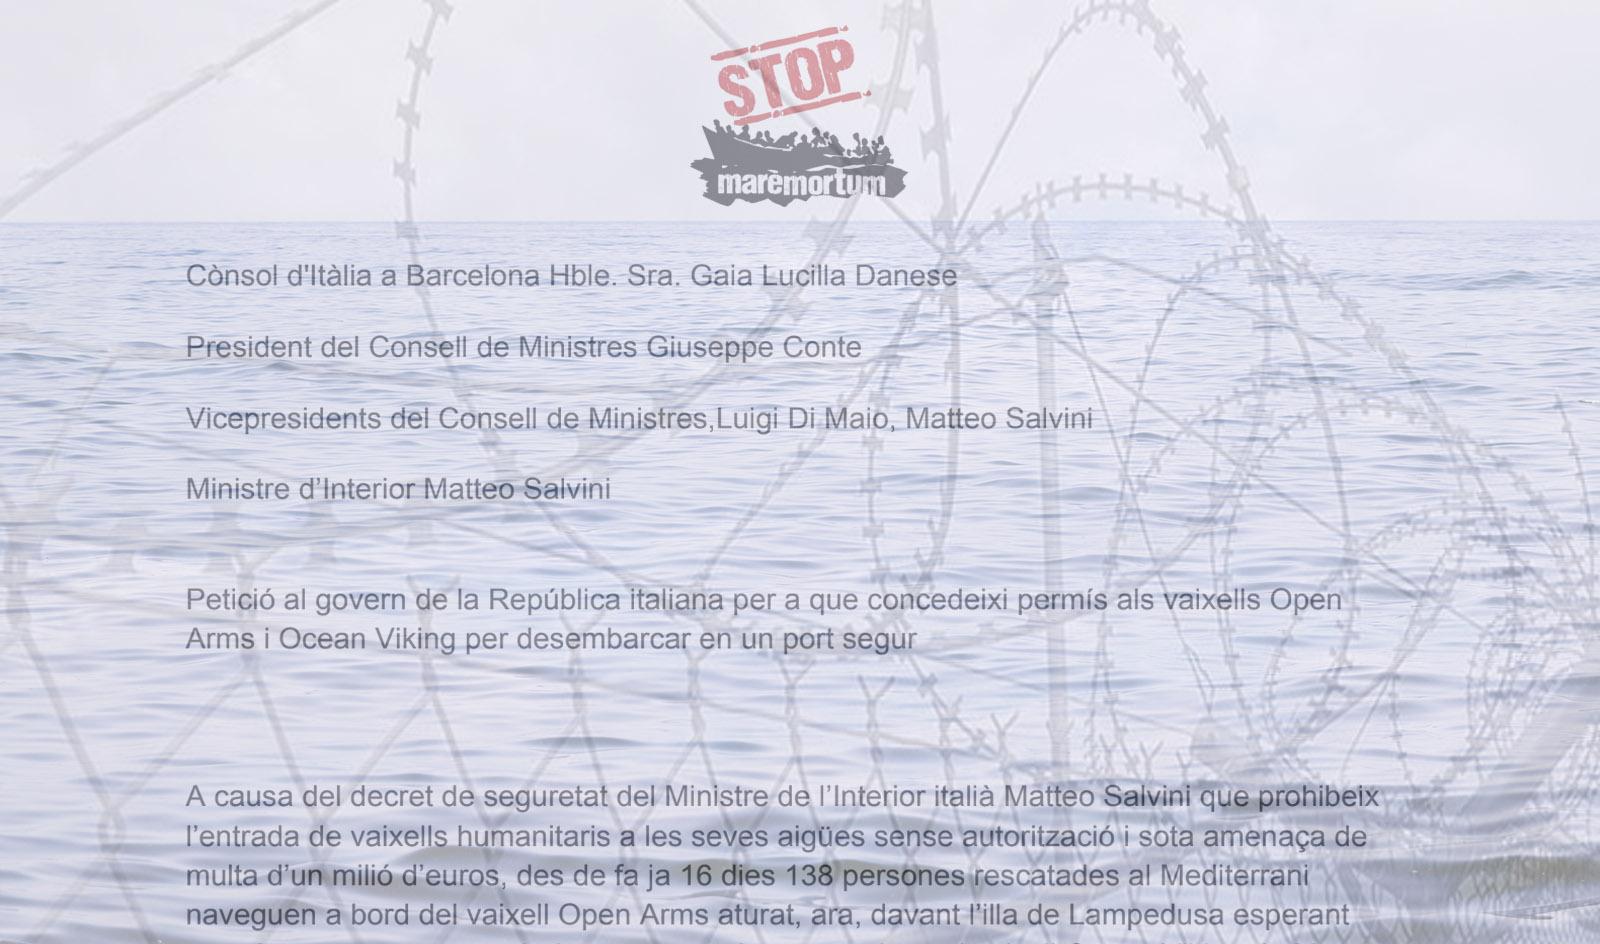 Entrega de cartes al Consolat italià per exigir obertura de ports per l'Open Arms i l'Ocean Viking